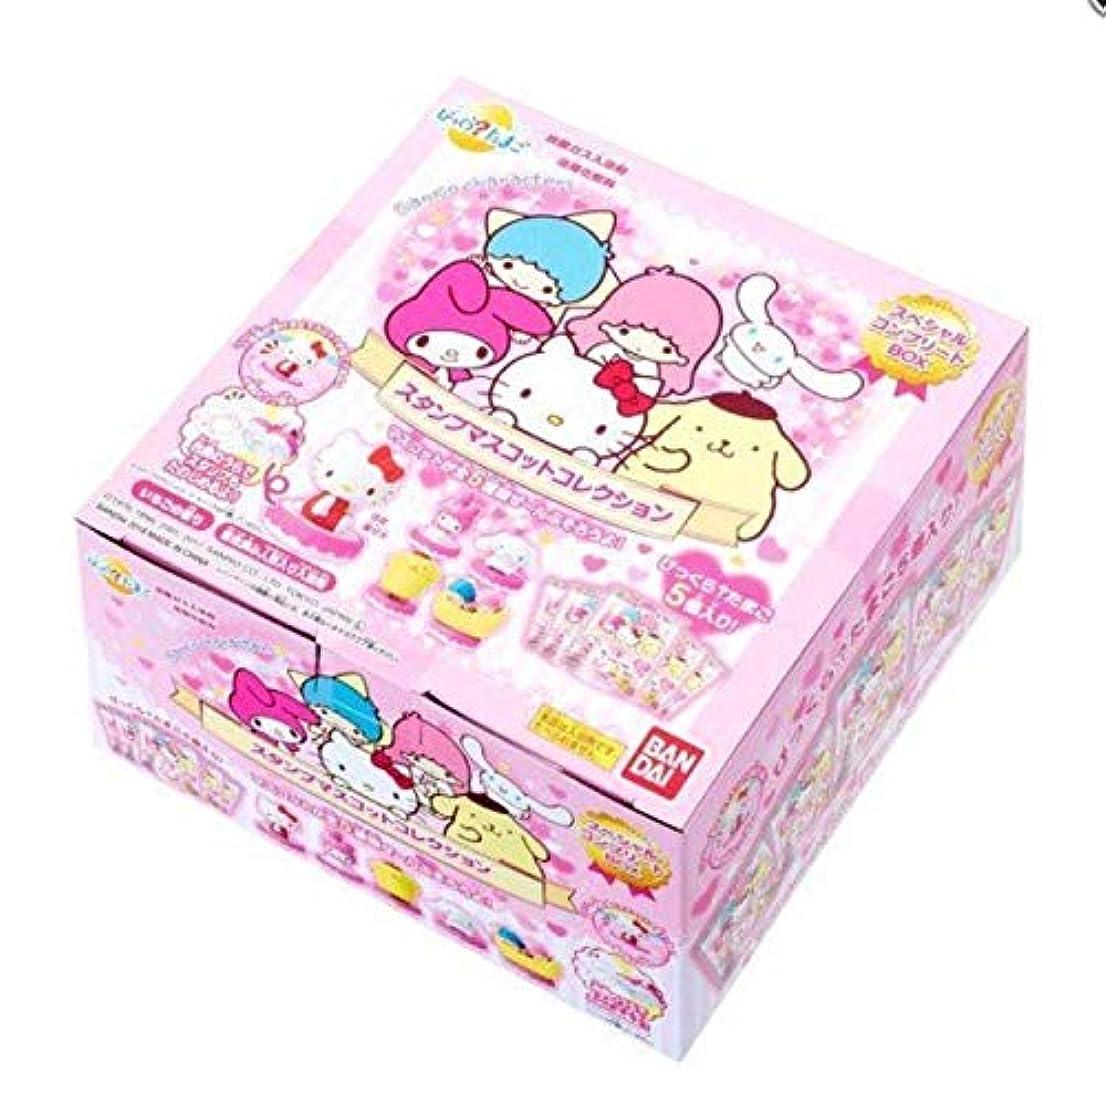 誤って規模漁師びっくら?たまご サンリオキャラクターズ スタンプマスコットコレクション スペシャルコンプリートBOX